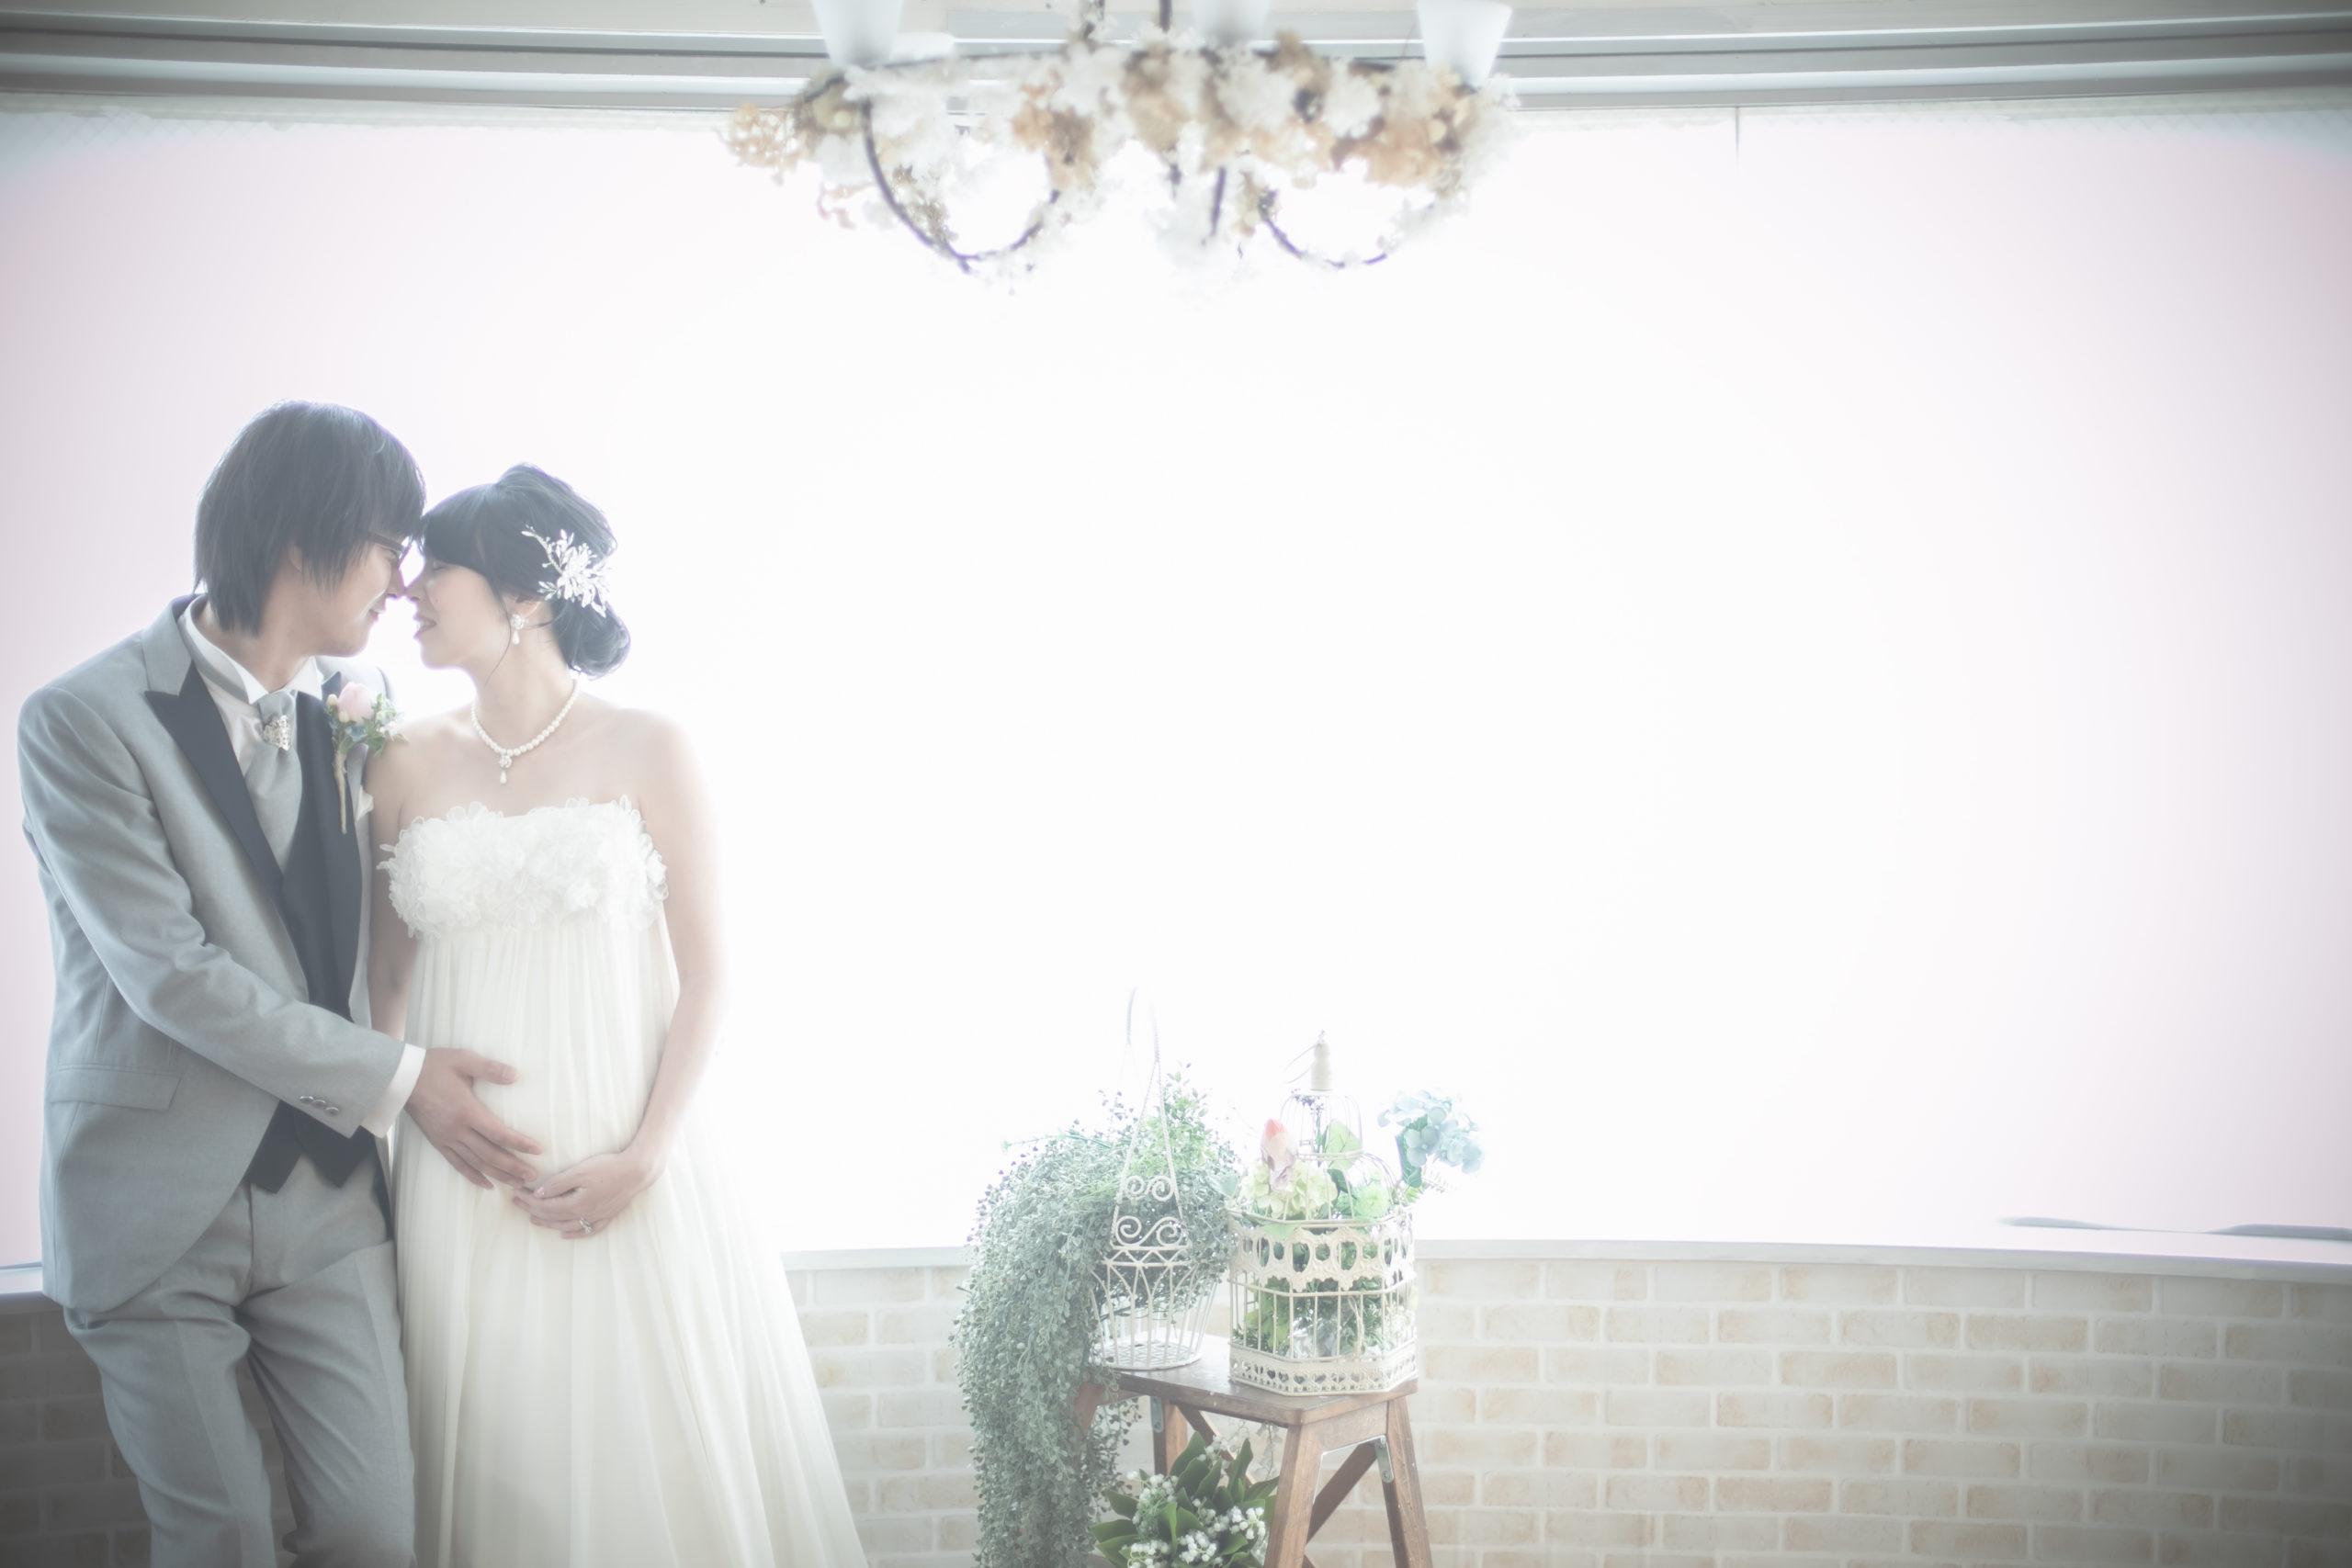 フォトウェディング,結婚写真,マタニティ,ドレス,大阪